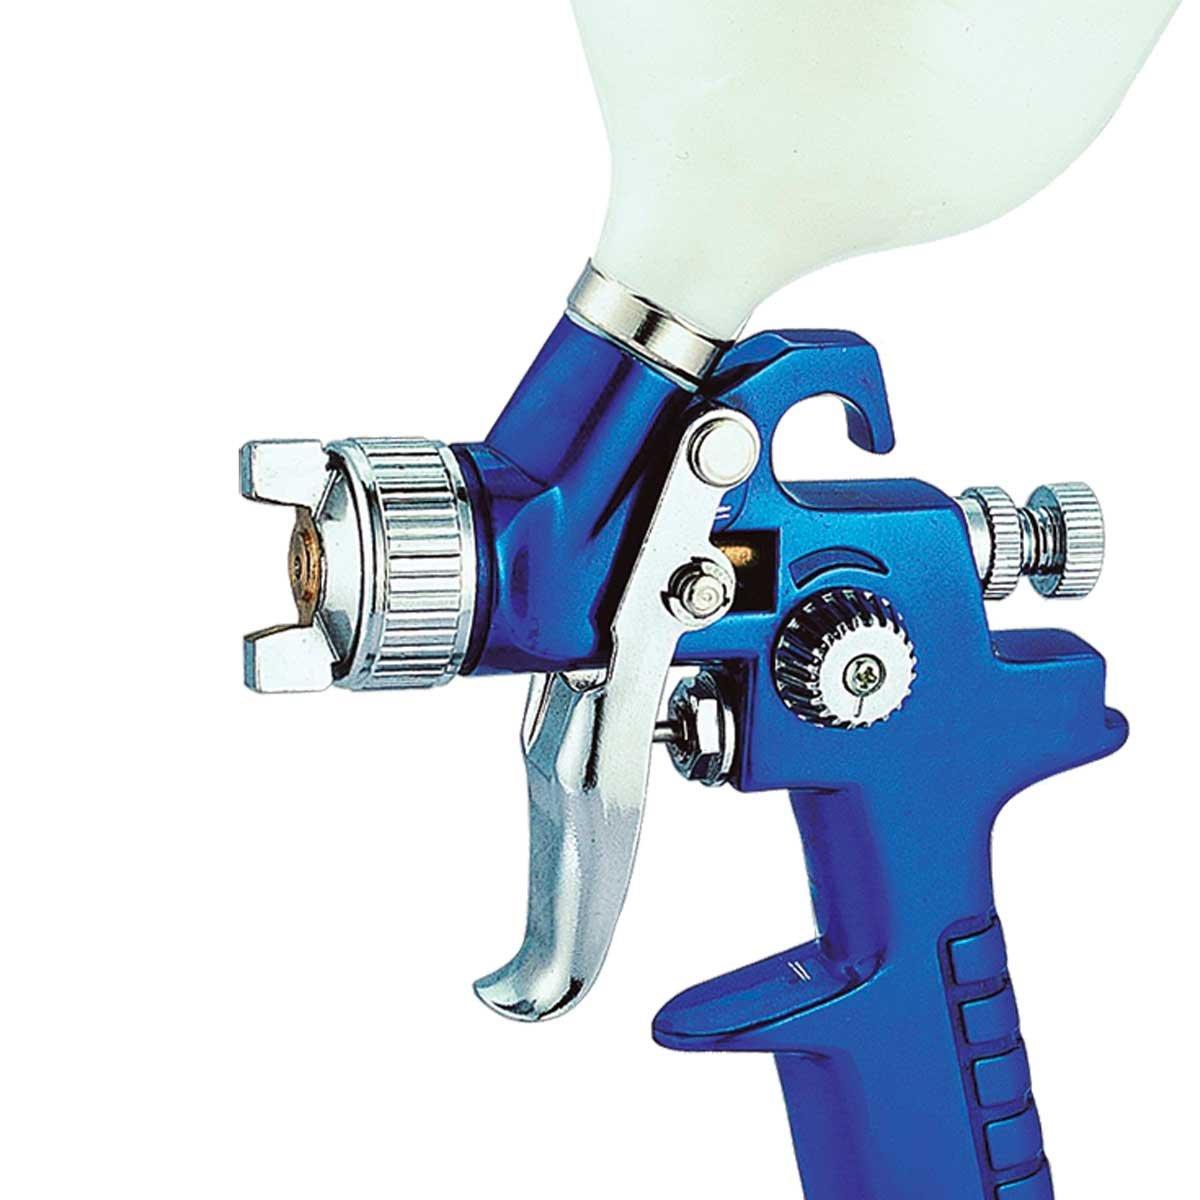 Pistola pequeña MINI de pintar para coche pintura compresor aire 100 ml - aguja de 0,8 mm: Amazon.es: Coche y moto